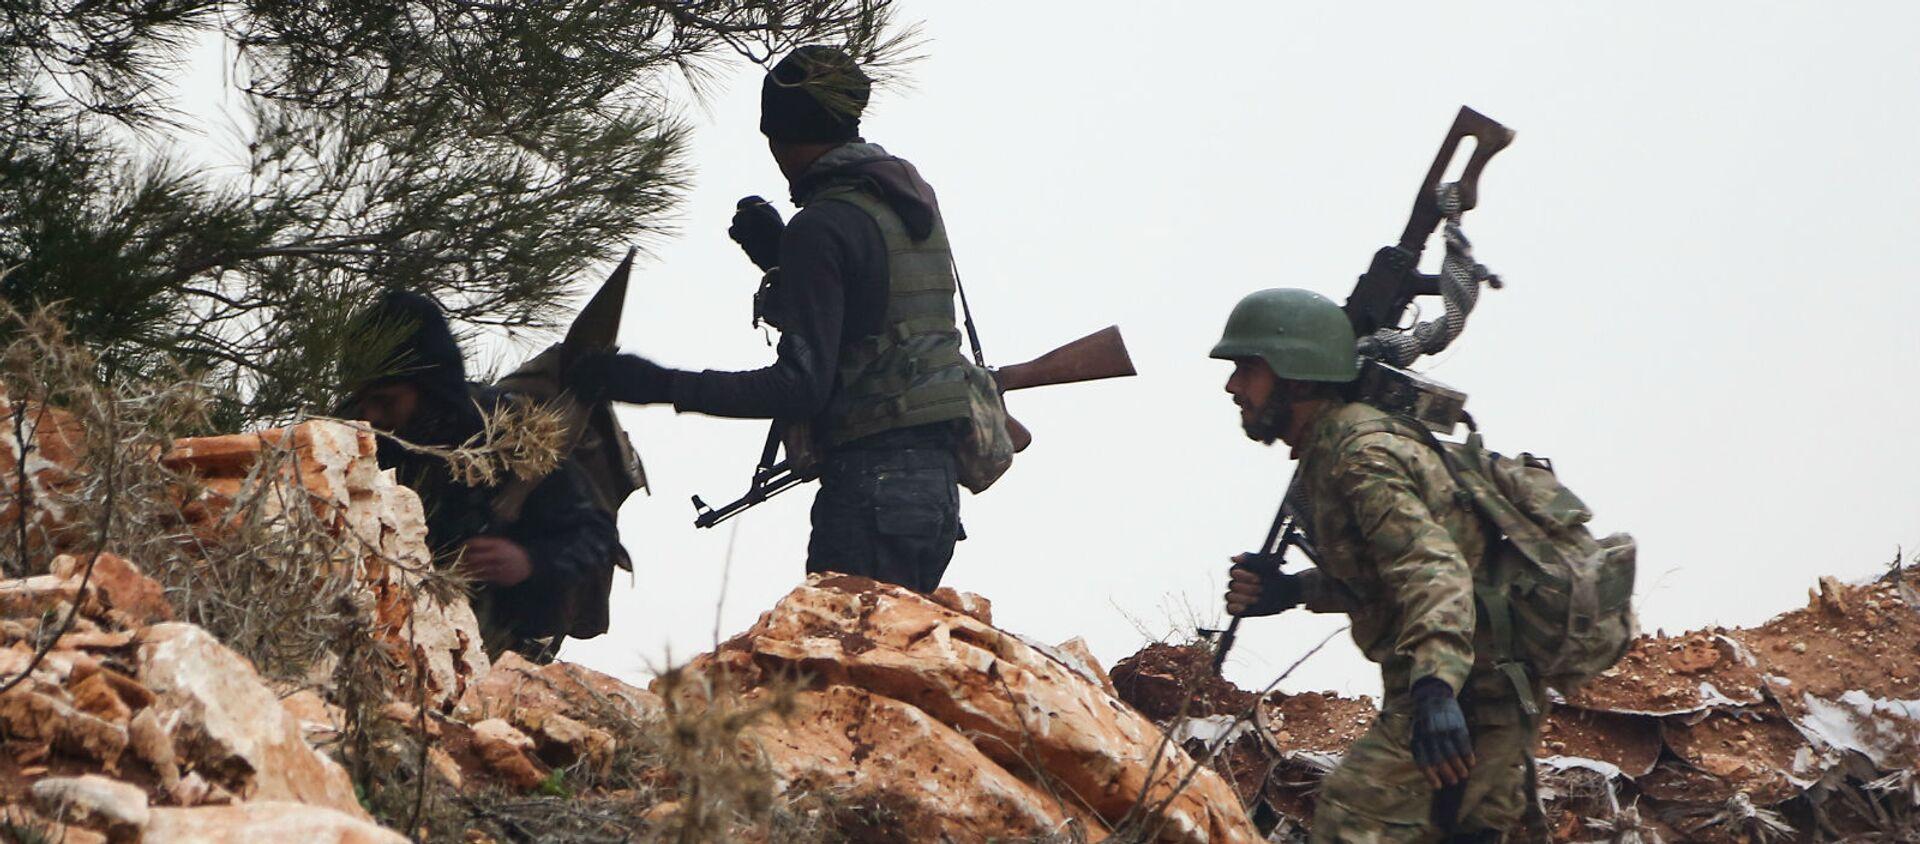 Сирийские боевики в районе горы Берсая к северу от сирийского города Азаз (22 января 2018). Сирия - Sputnik Արմենիա, 1920, 22.10.2020